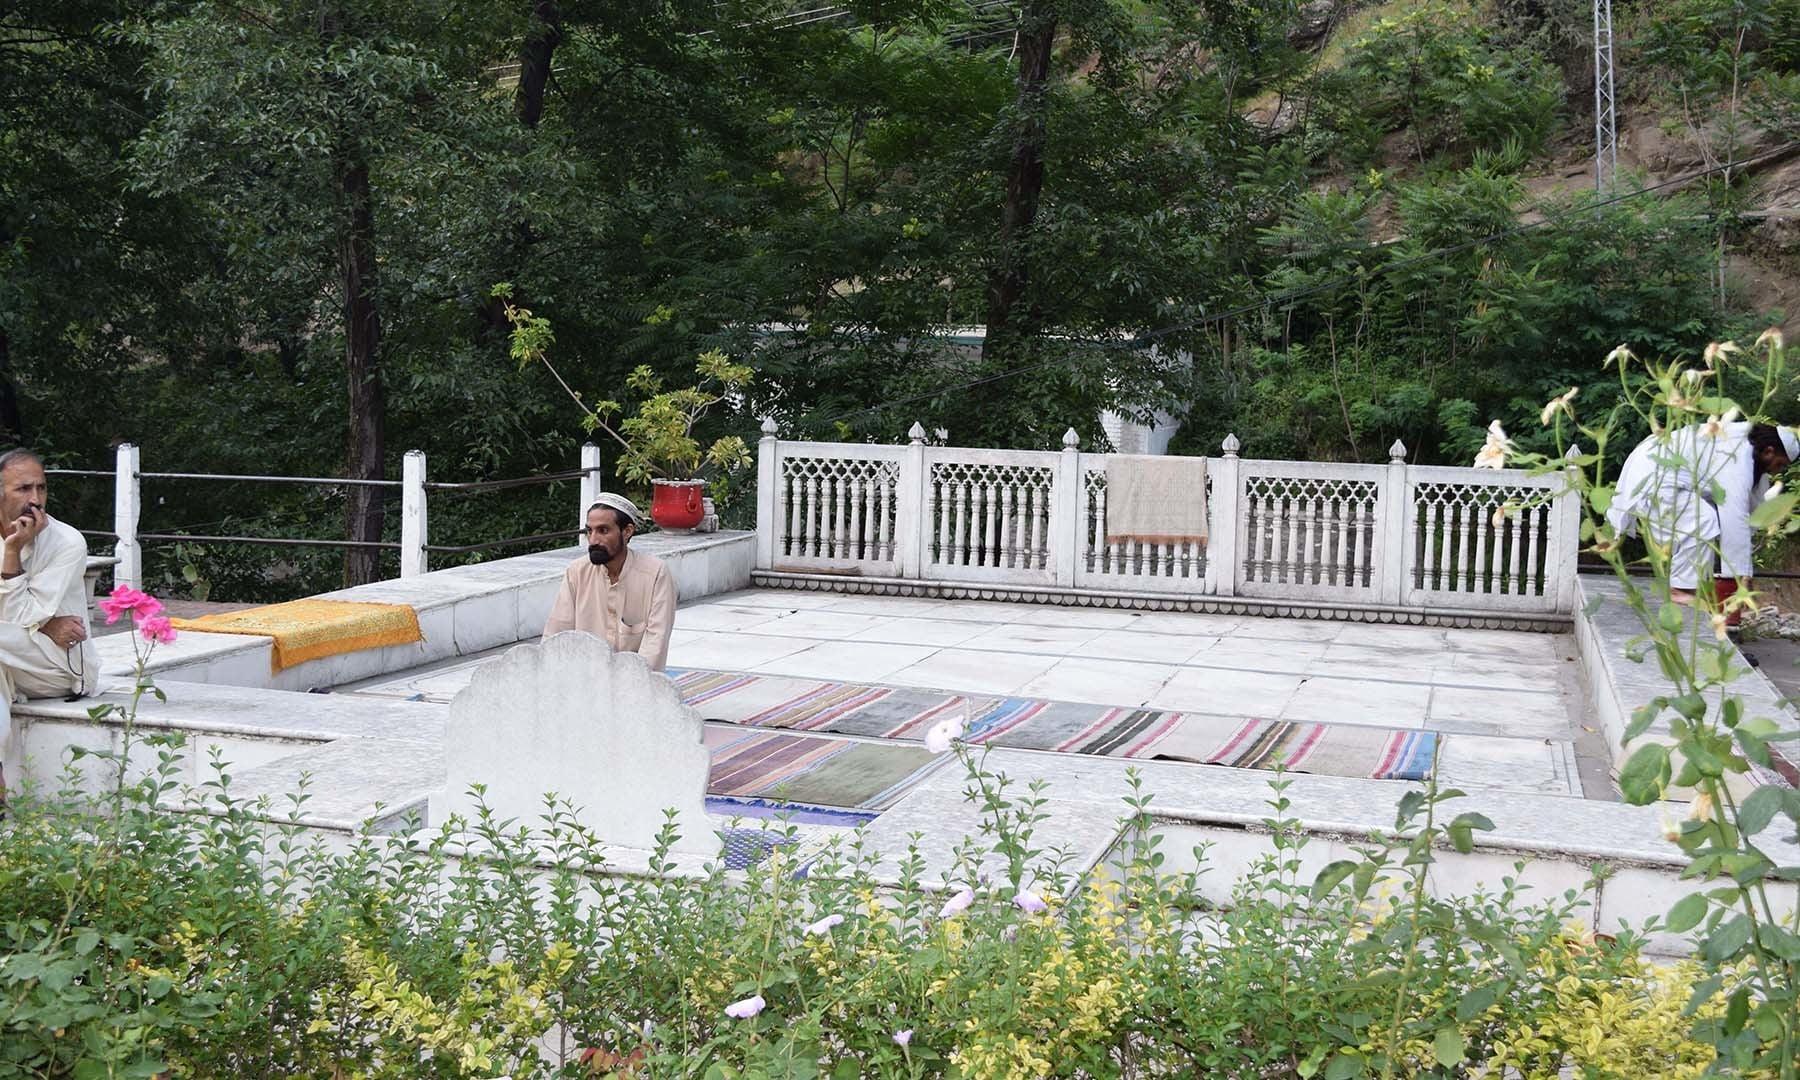 سفید محل کے صحن میں تعمیر شدہ مسجد کی تصویر جہاں بادشاہ صاحب نماز باجماعت ادا کرنے کے ساتھ تلاوت کیا کرتے تھے۔